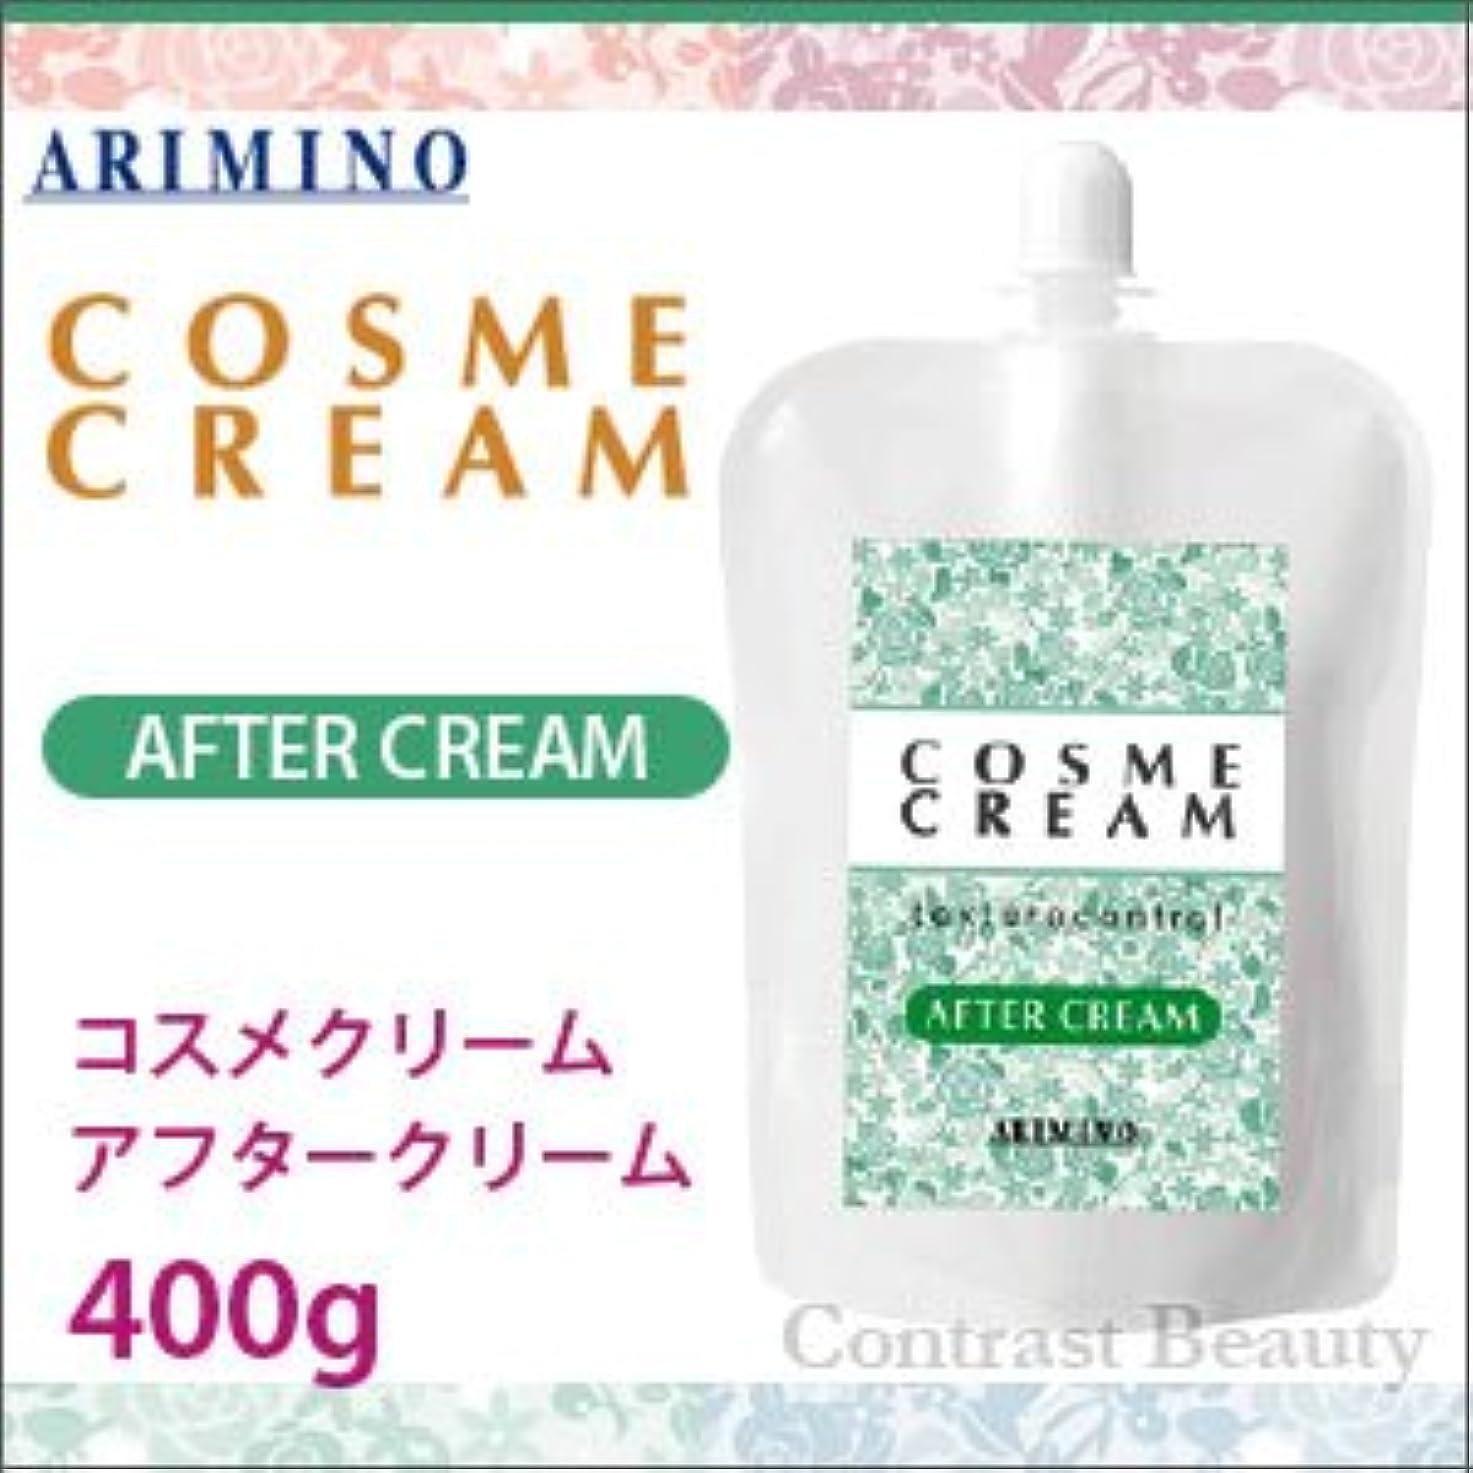 うれしい悪の作りアリミノ コスメクリーム アフタークリーム 400g